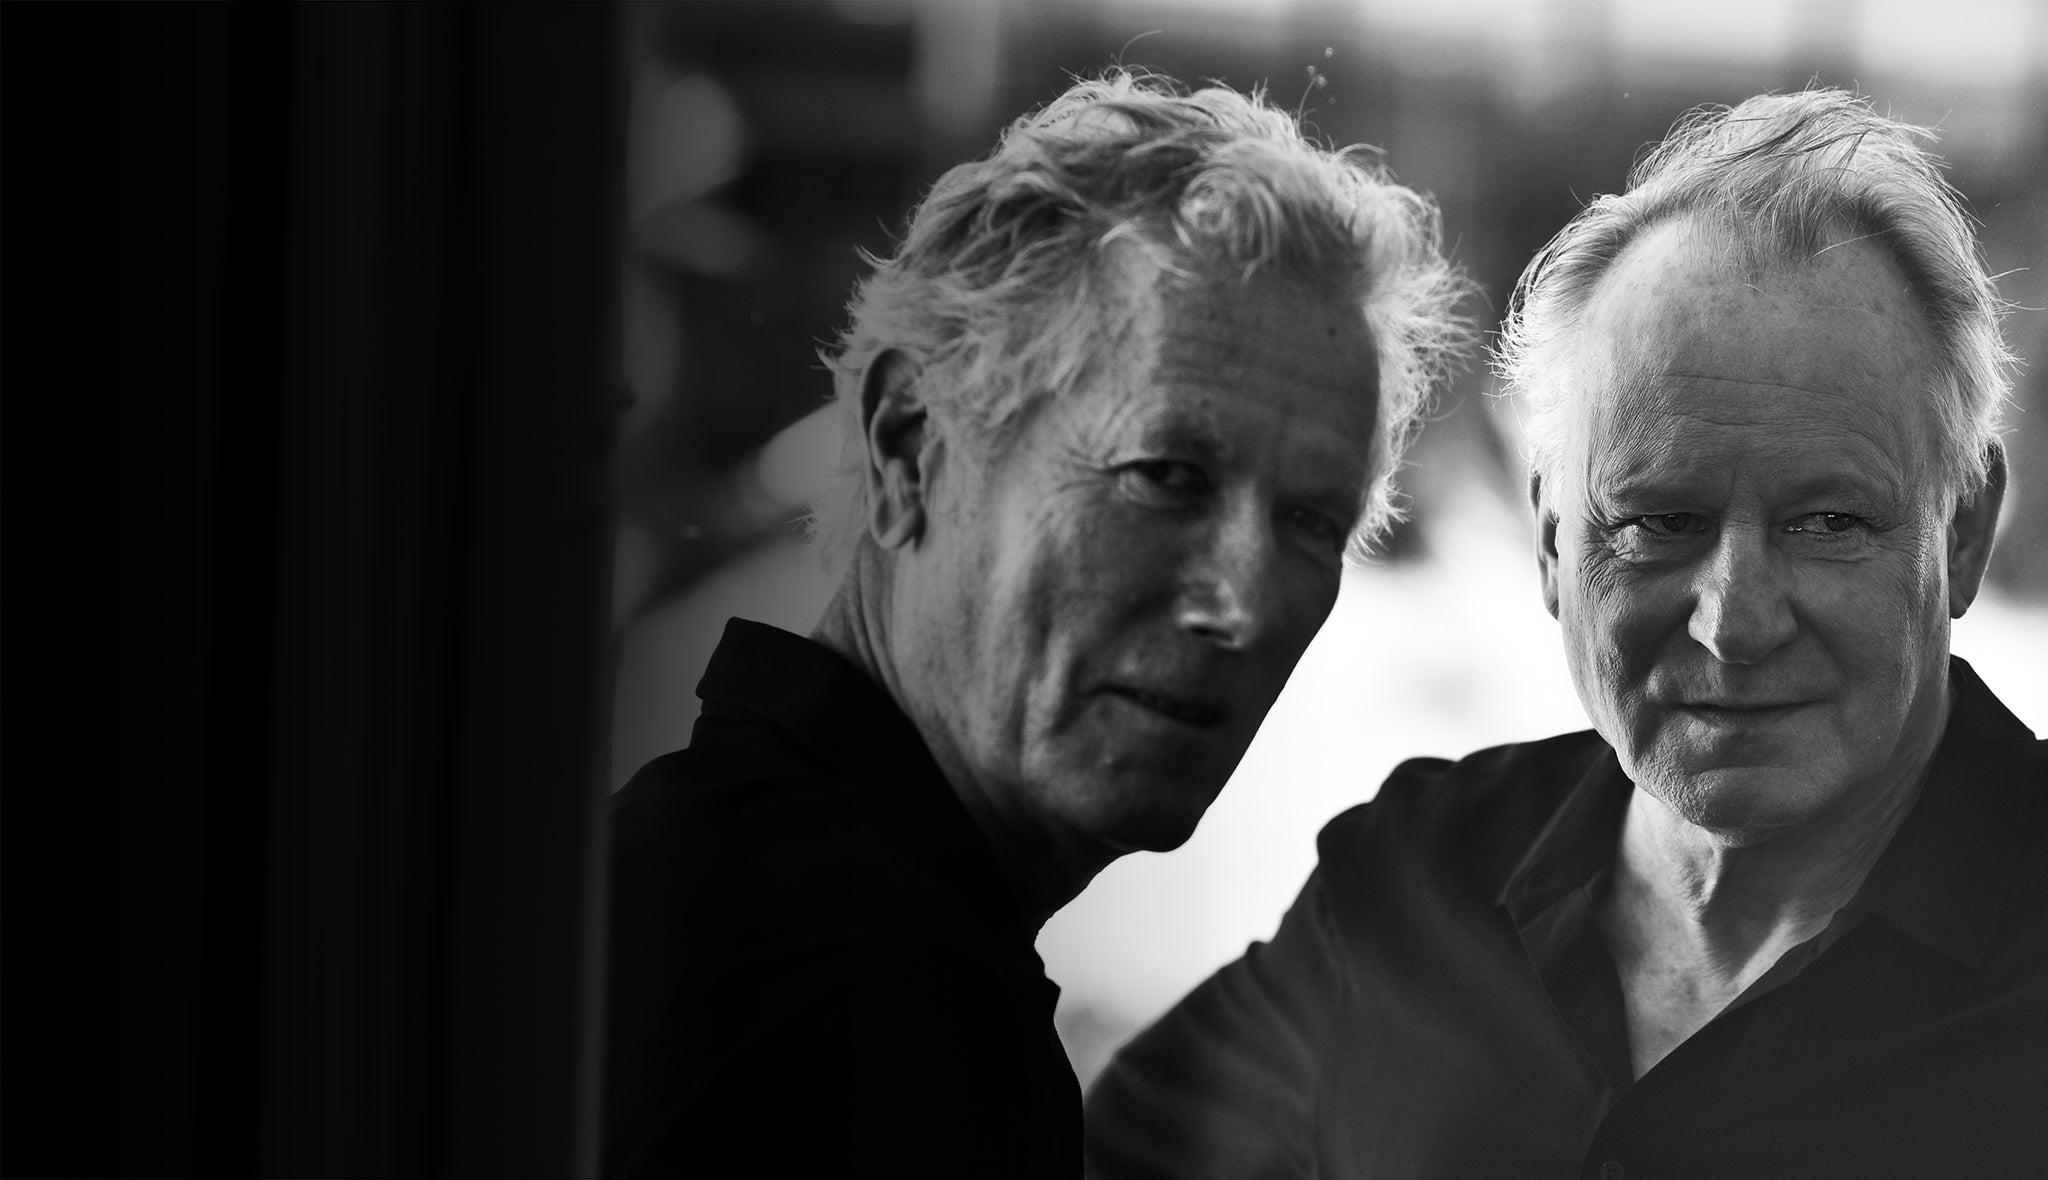 Stellan Skarsgard and Hans Pettre Moland